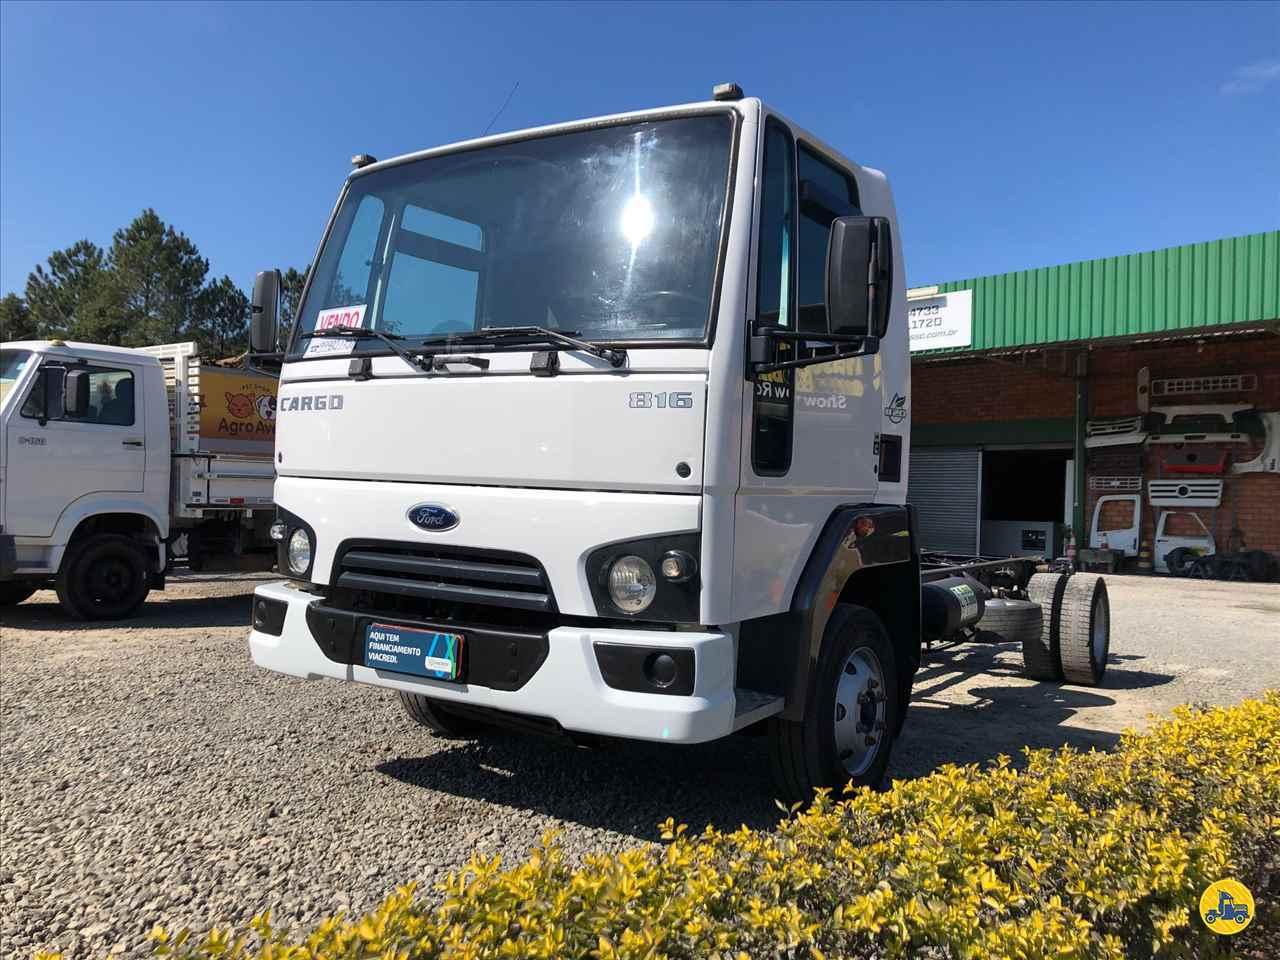 CAMINHAO FORD CARGO 816 Conteiner 20 Pés 3/4 4x2 Divisa Caminhões INDAIAL SANTA CATARINA SC